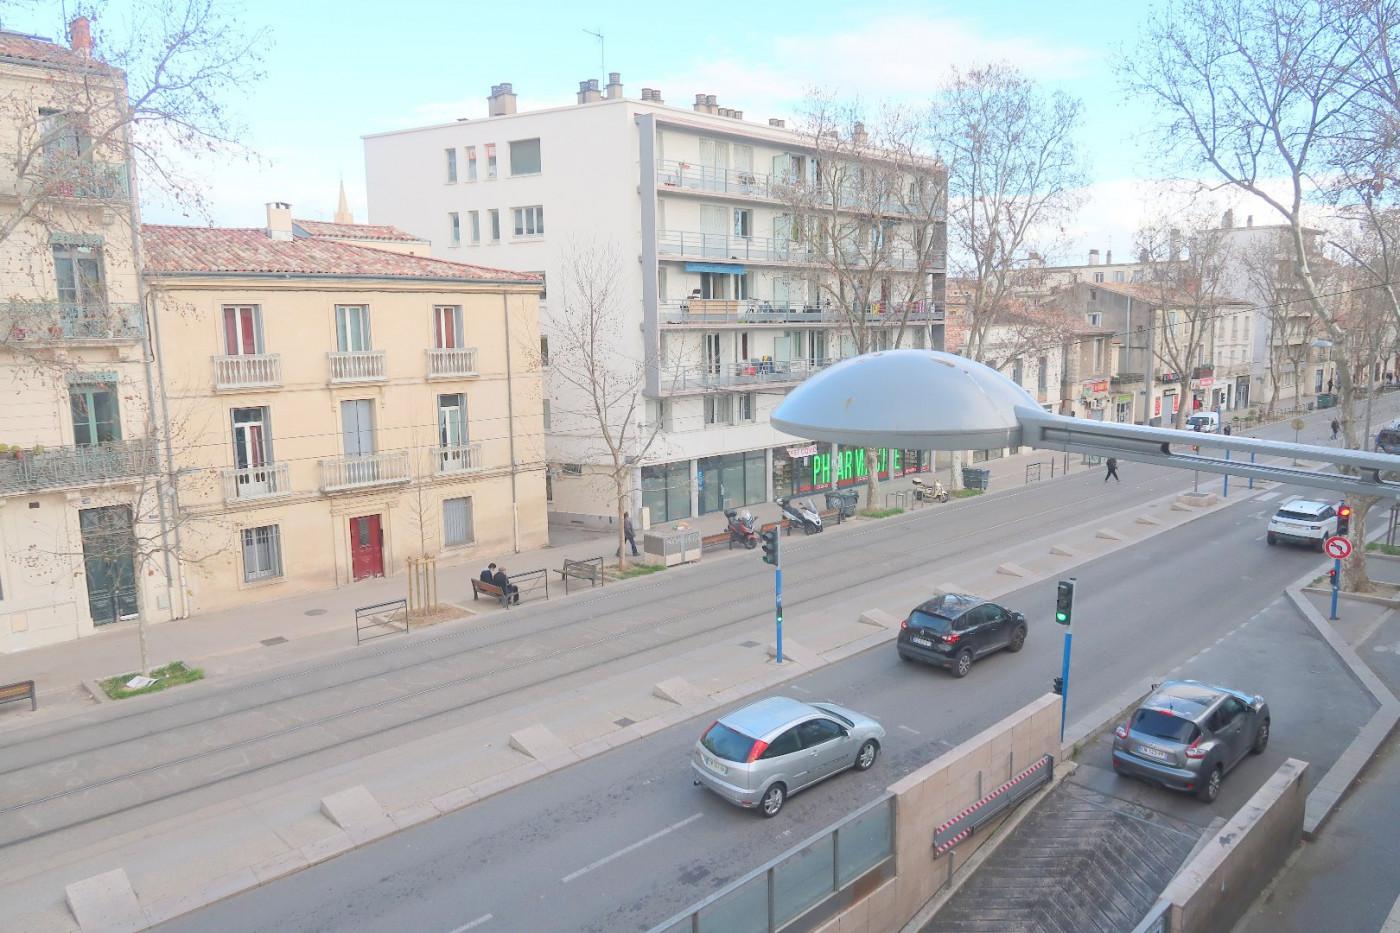 A vendre  Montpellier   Réf 3456259289 - Agence jnca